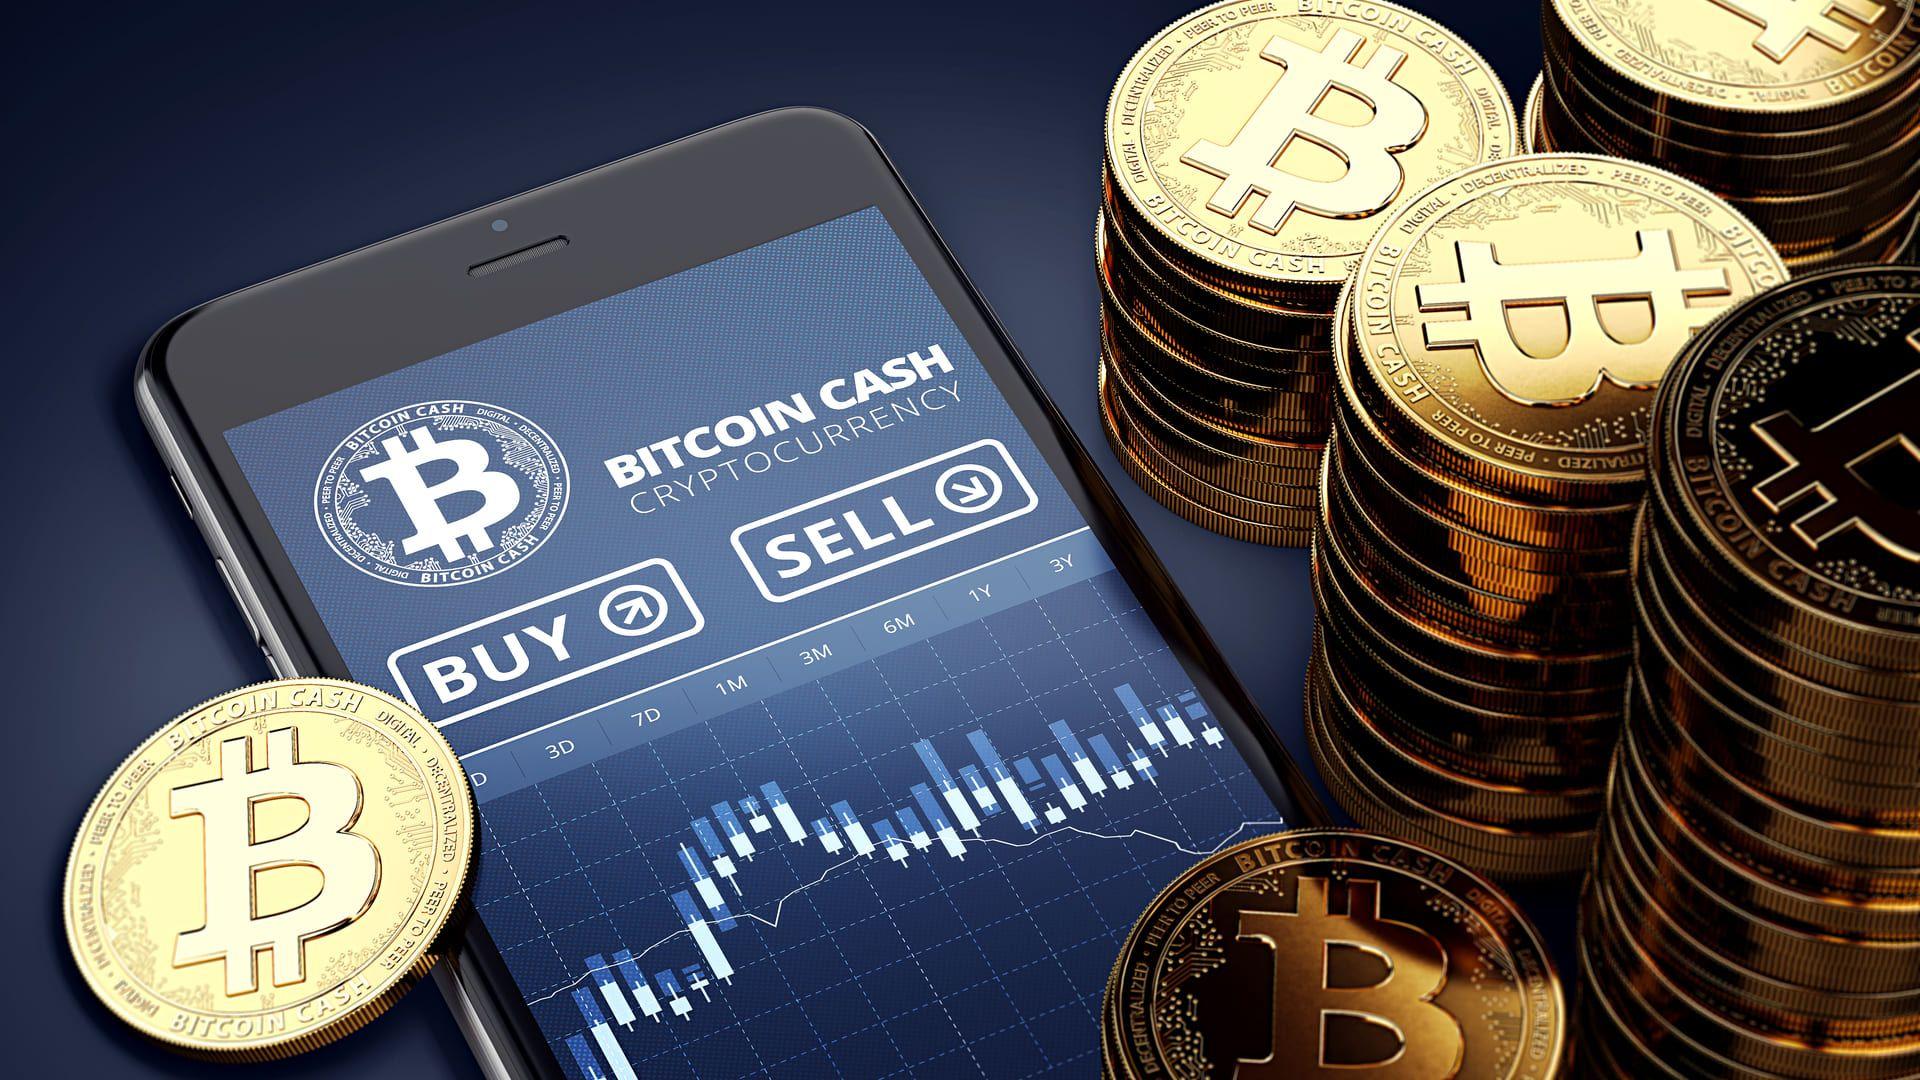 Corretoras de investimentos são formas acessíveis de investir em criptomoedas (Foto: Shutterstock)